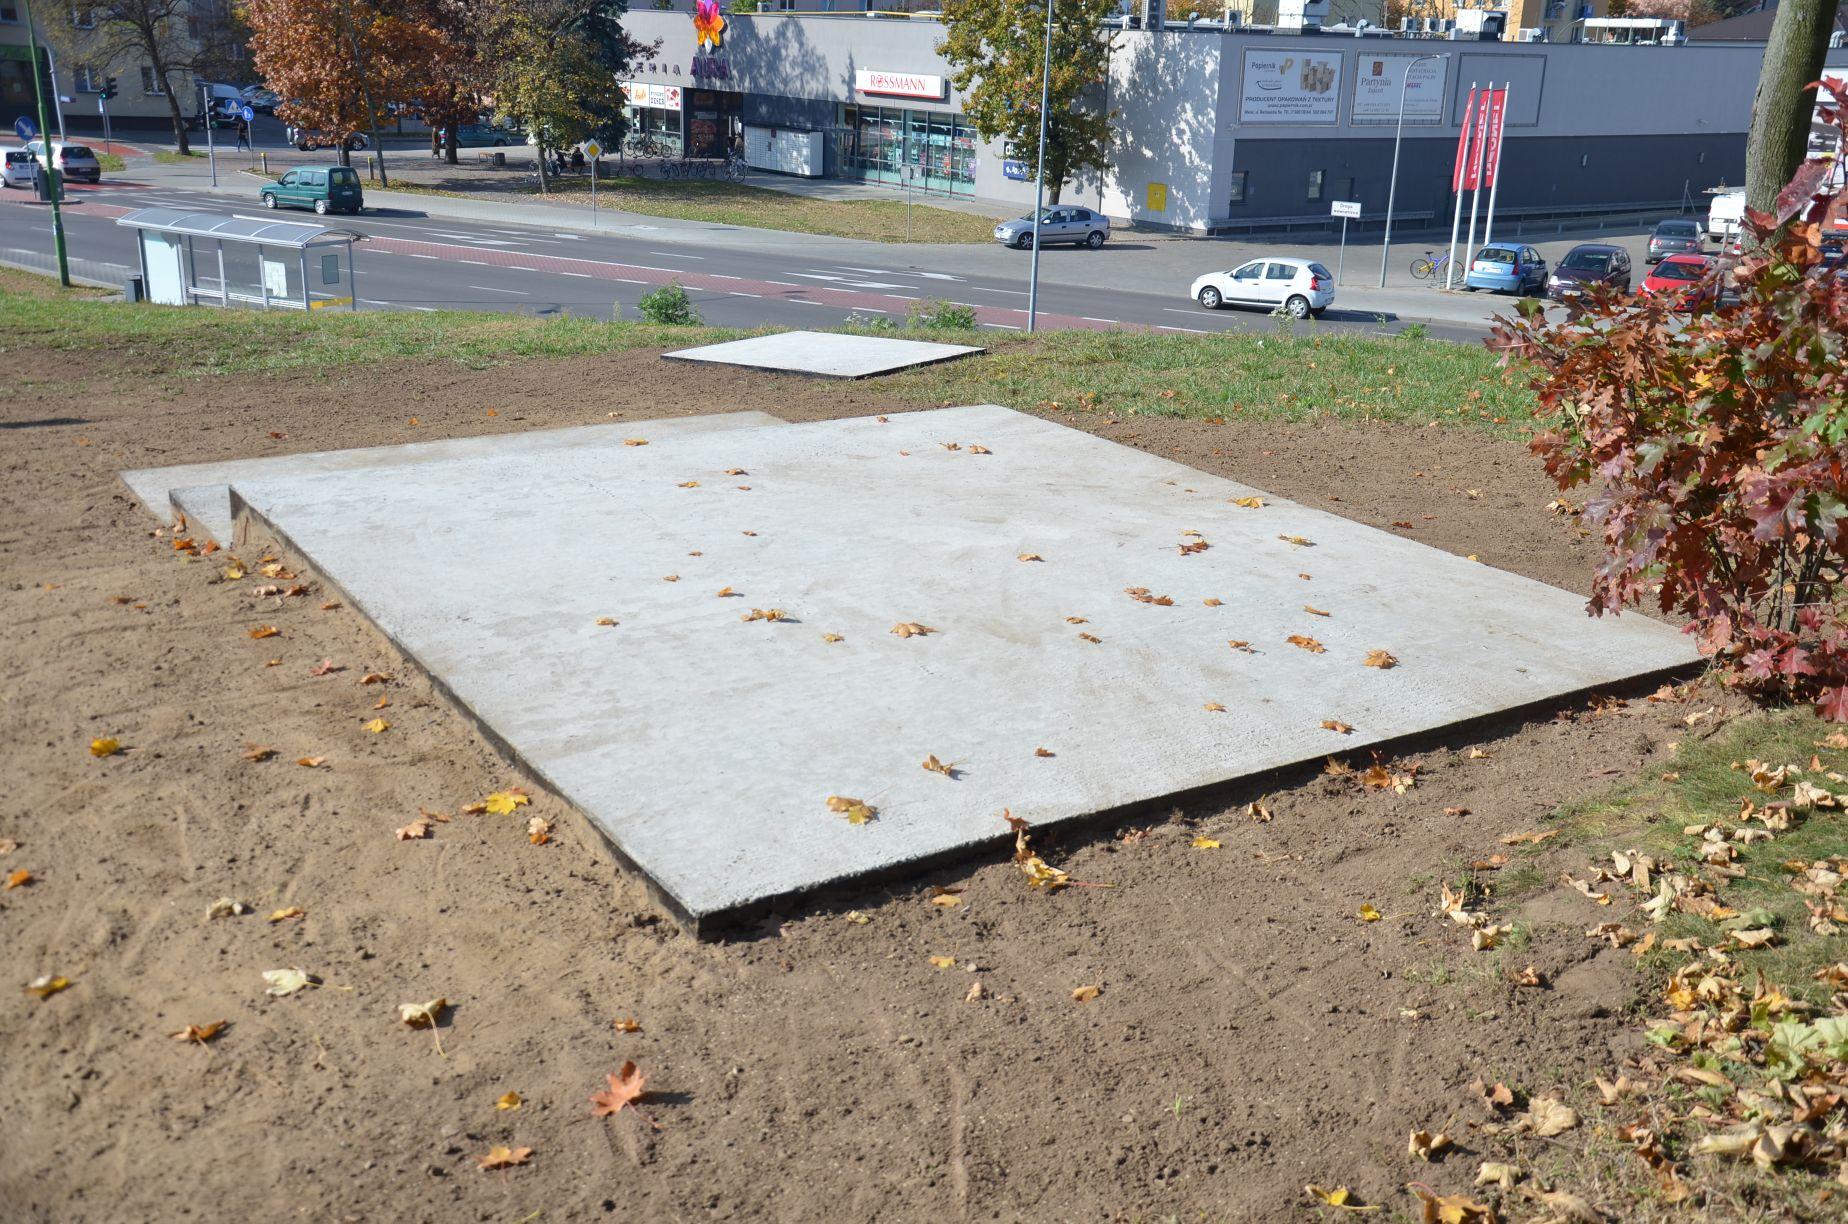 Pomnik Żołnierzy Wyklętych w nowym miejscu! Kontrowersyjna ostatnia decyzja Kapinosa - Zdjęcie główne